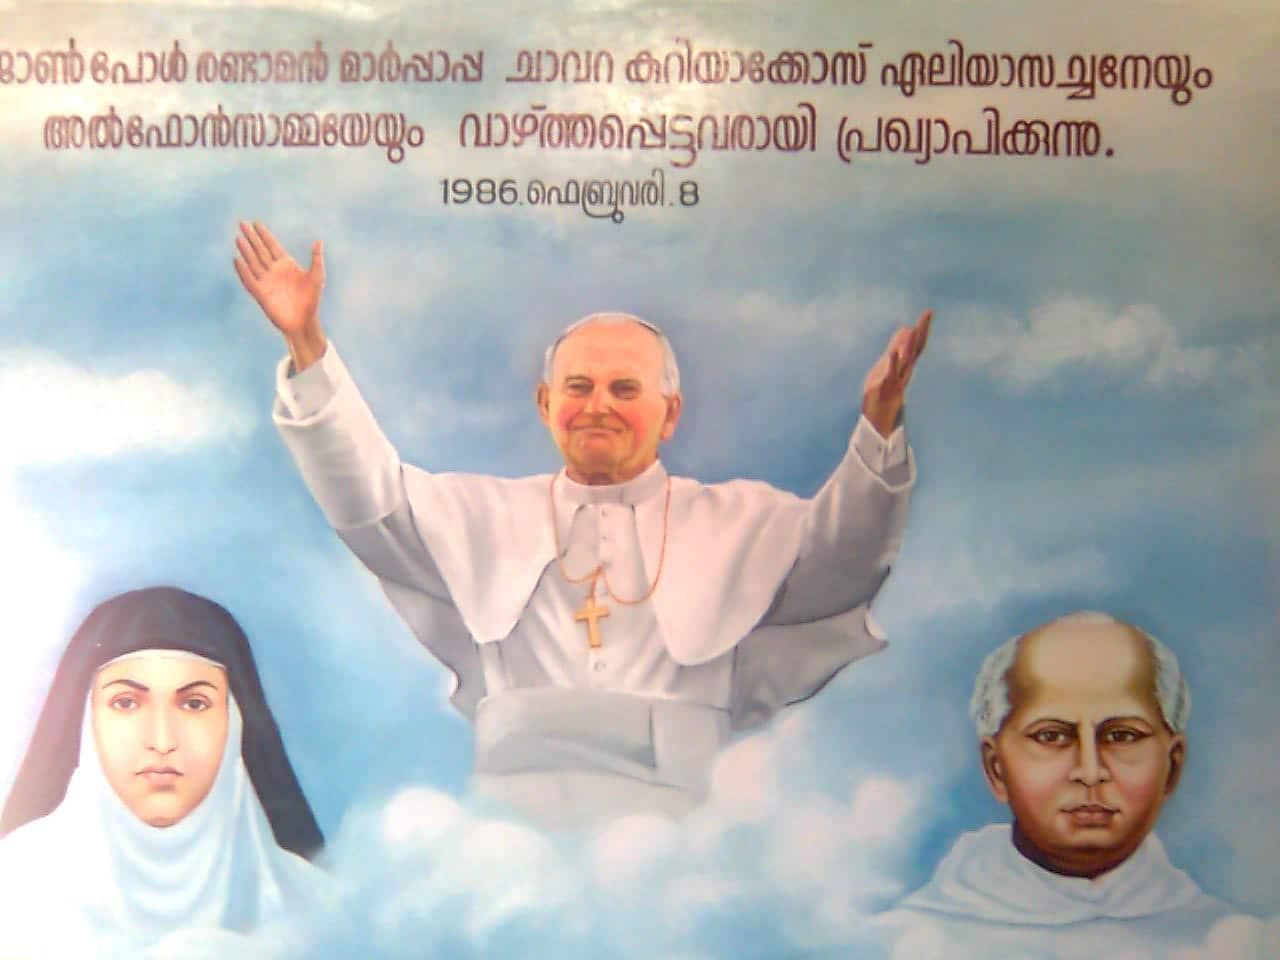 peter in malayalam